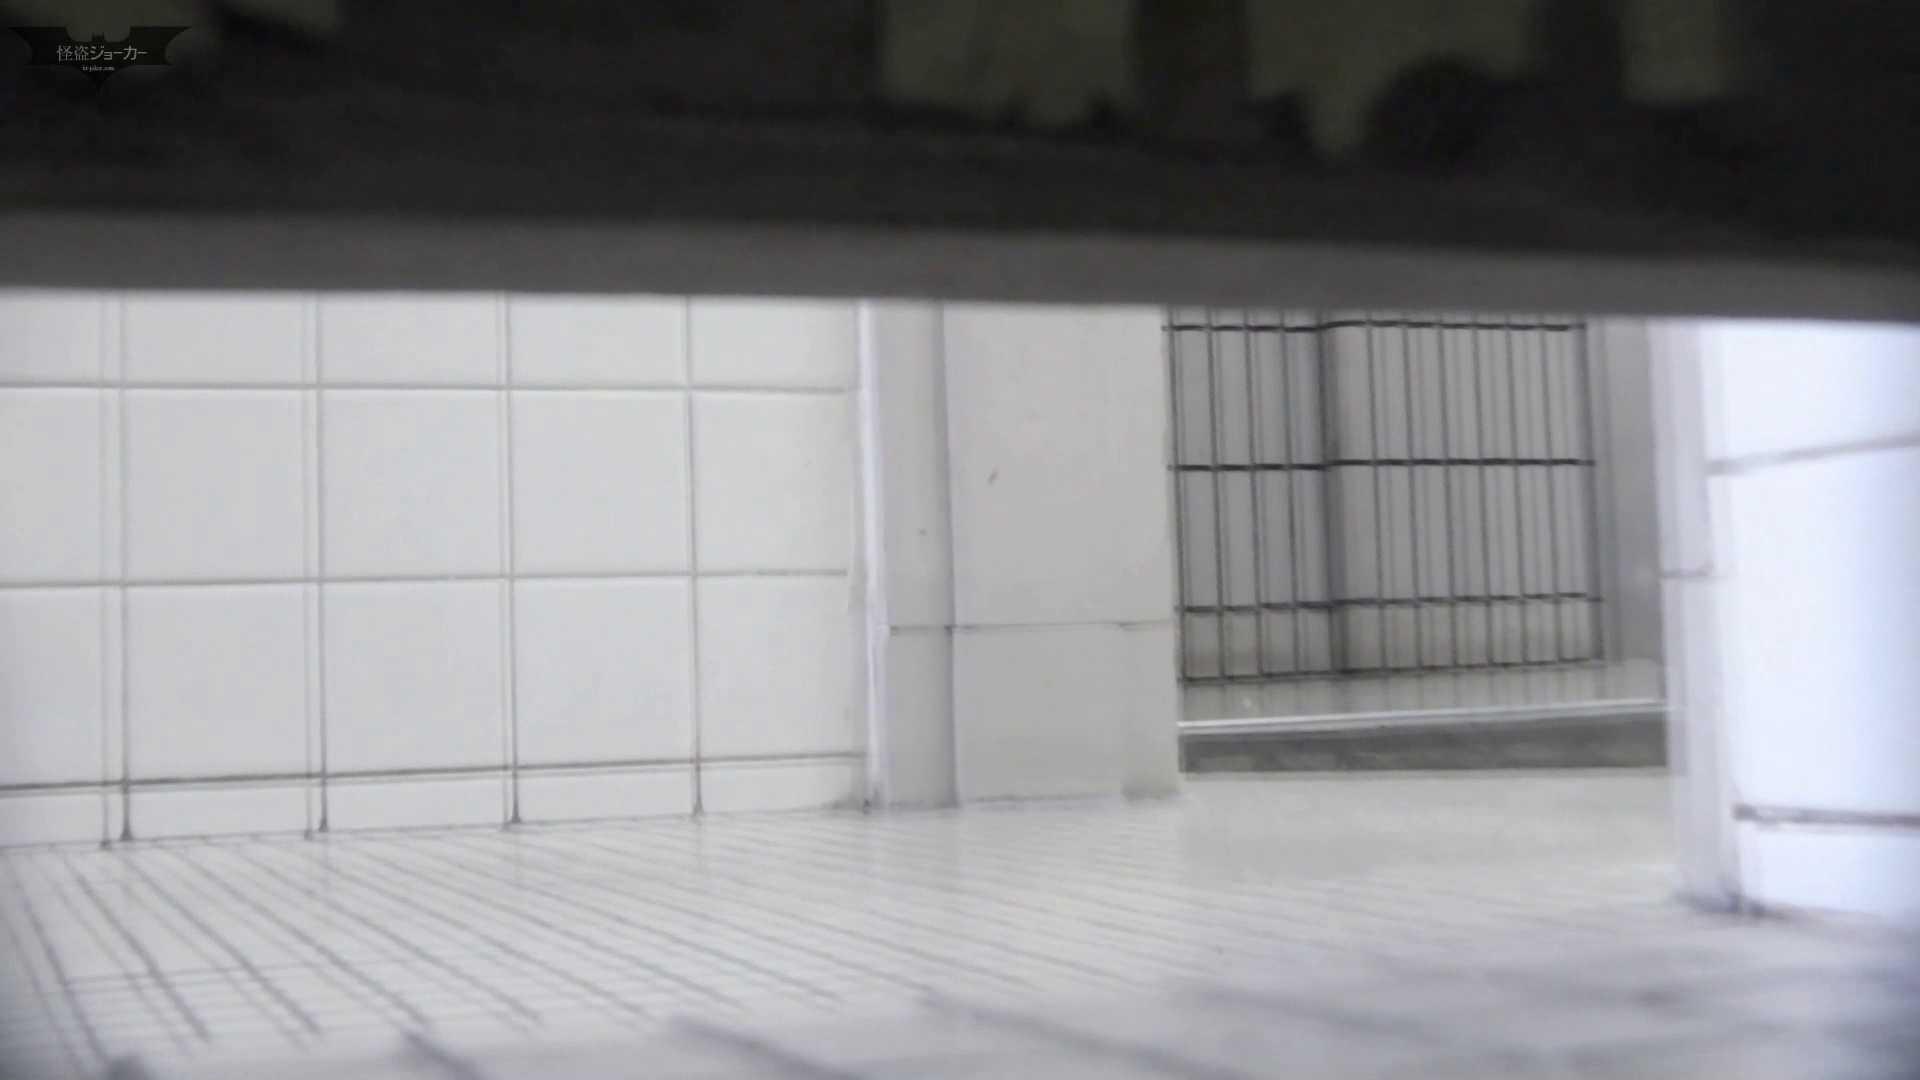 洗面所特攻隊 vol.58驚異のしまり、【2015・25位】 洗面所  39pic 2